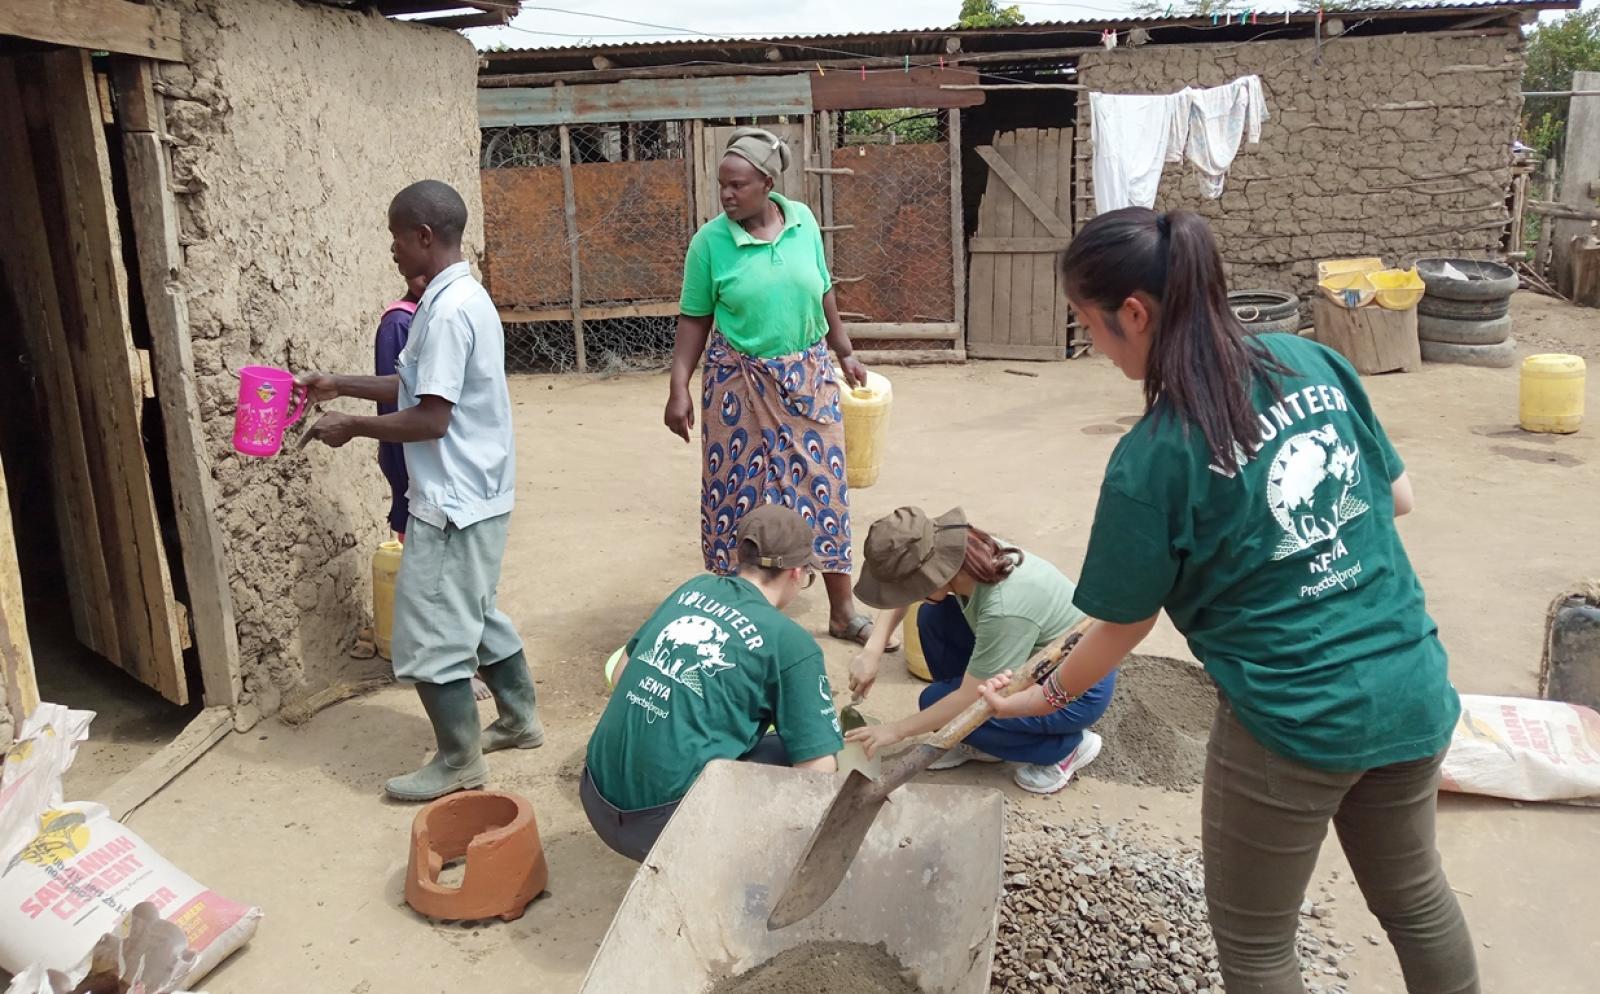 アフリカで住宅の建設に取り組む日本人高校生ボランティア